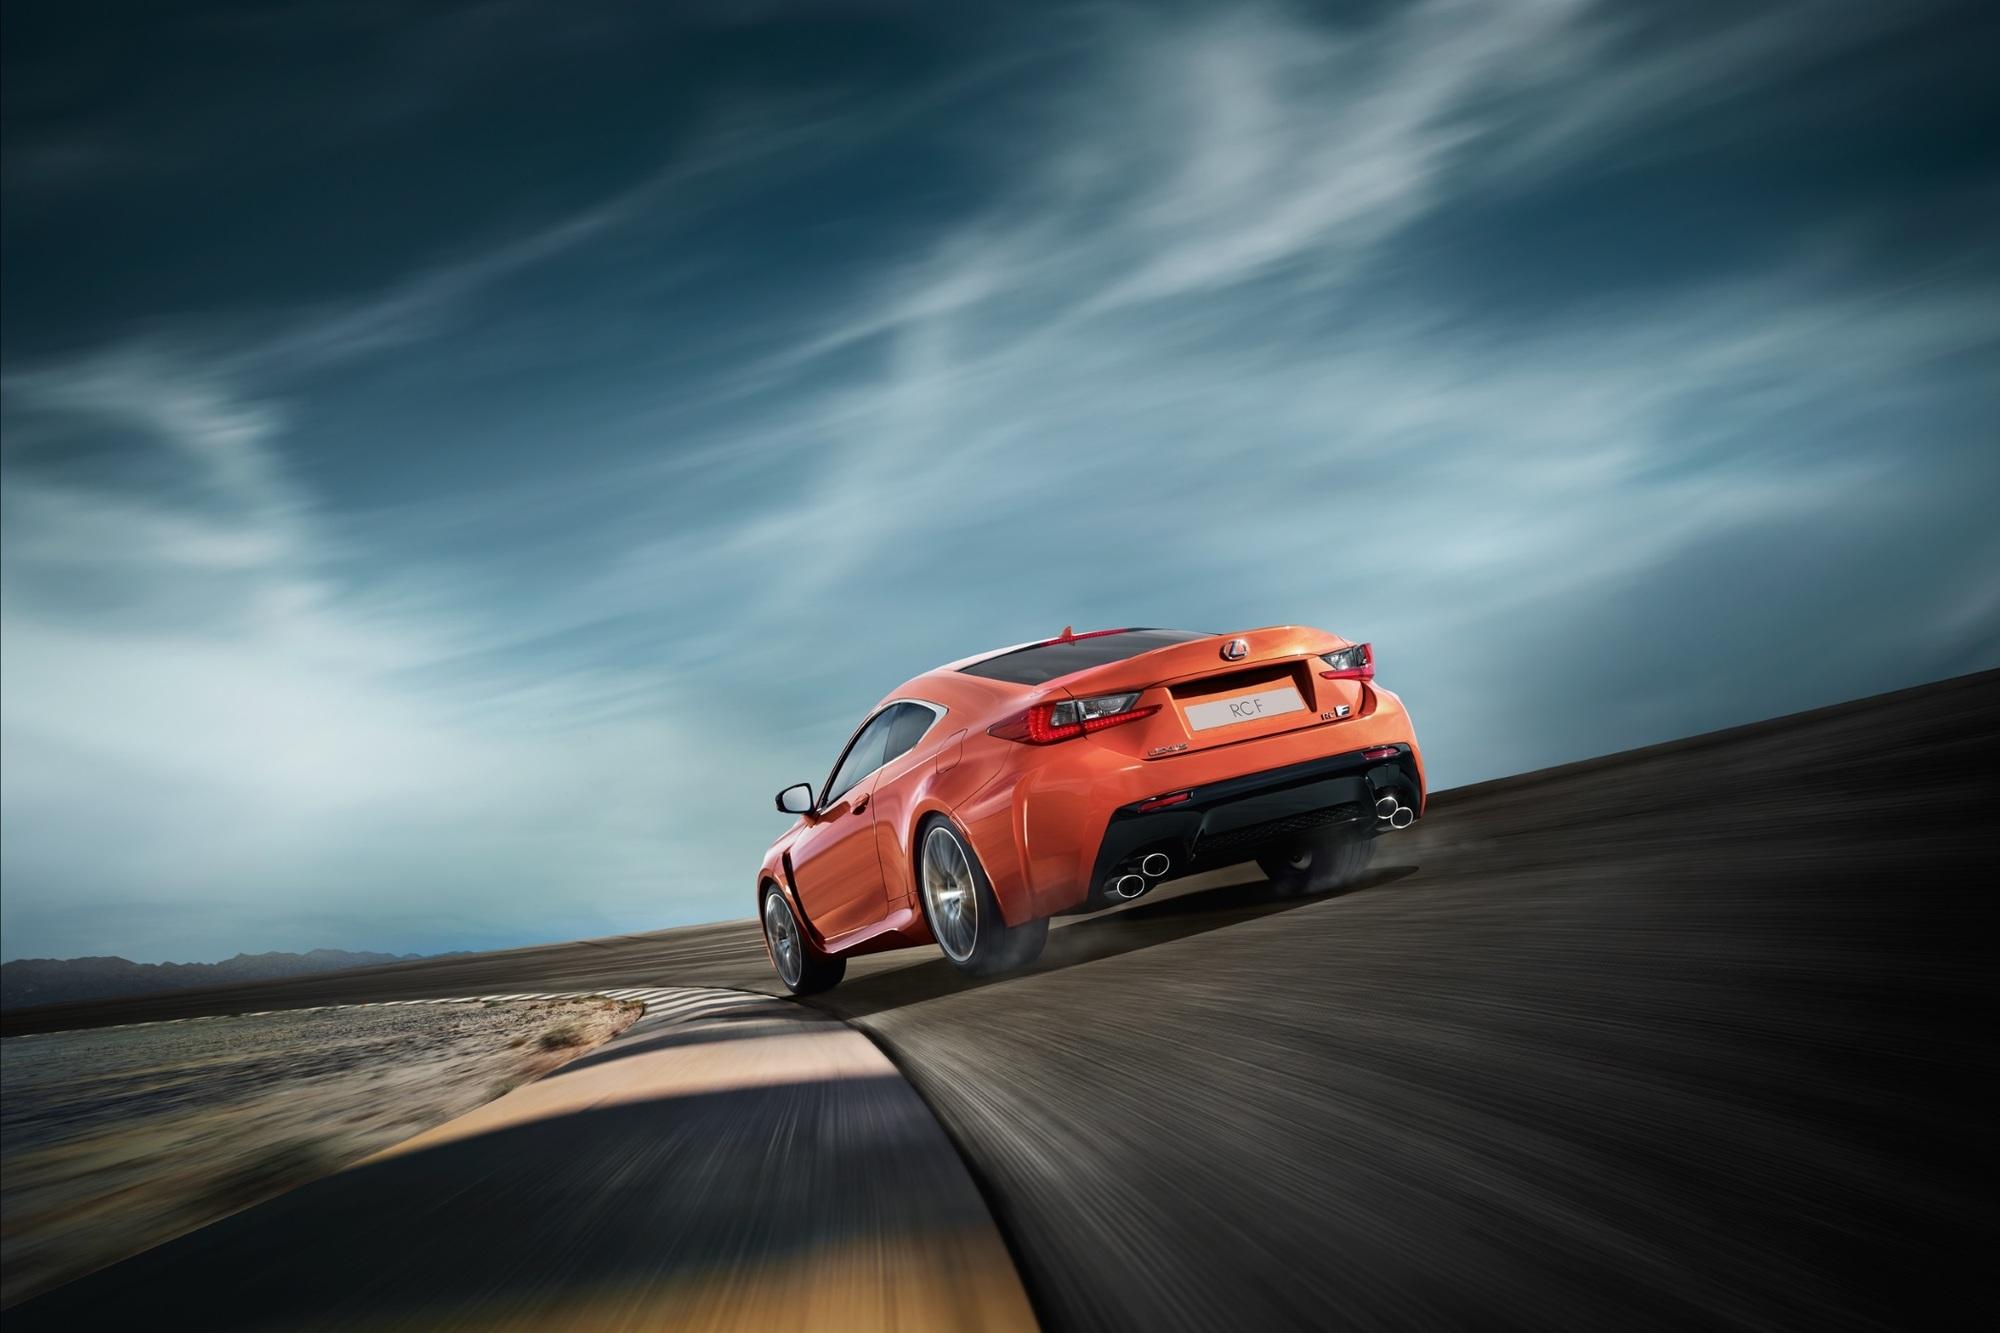 Fahrbericht: Lexus RC-F - Einen gibt es noch